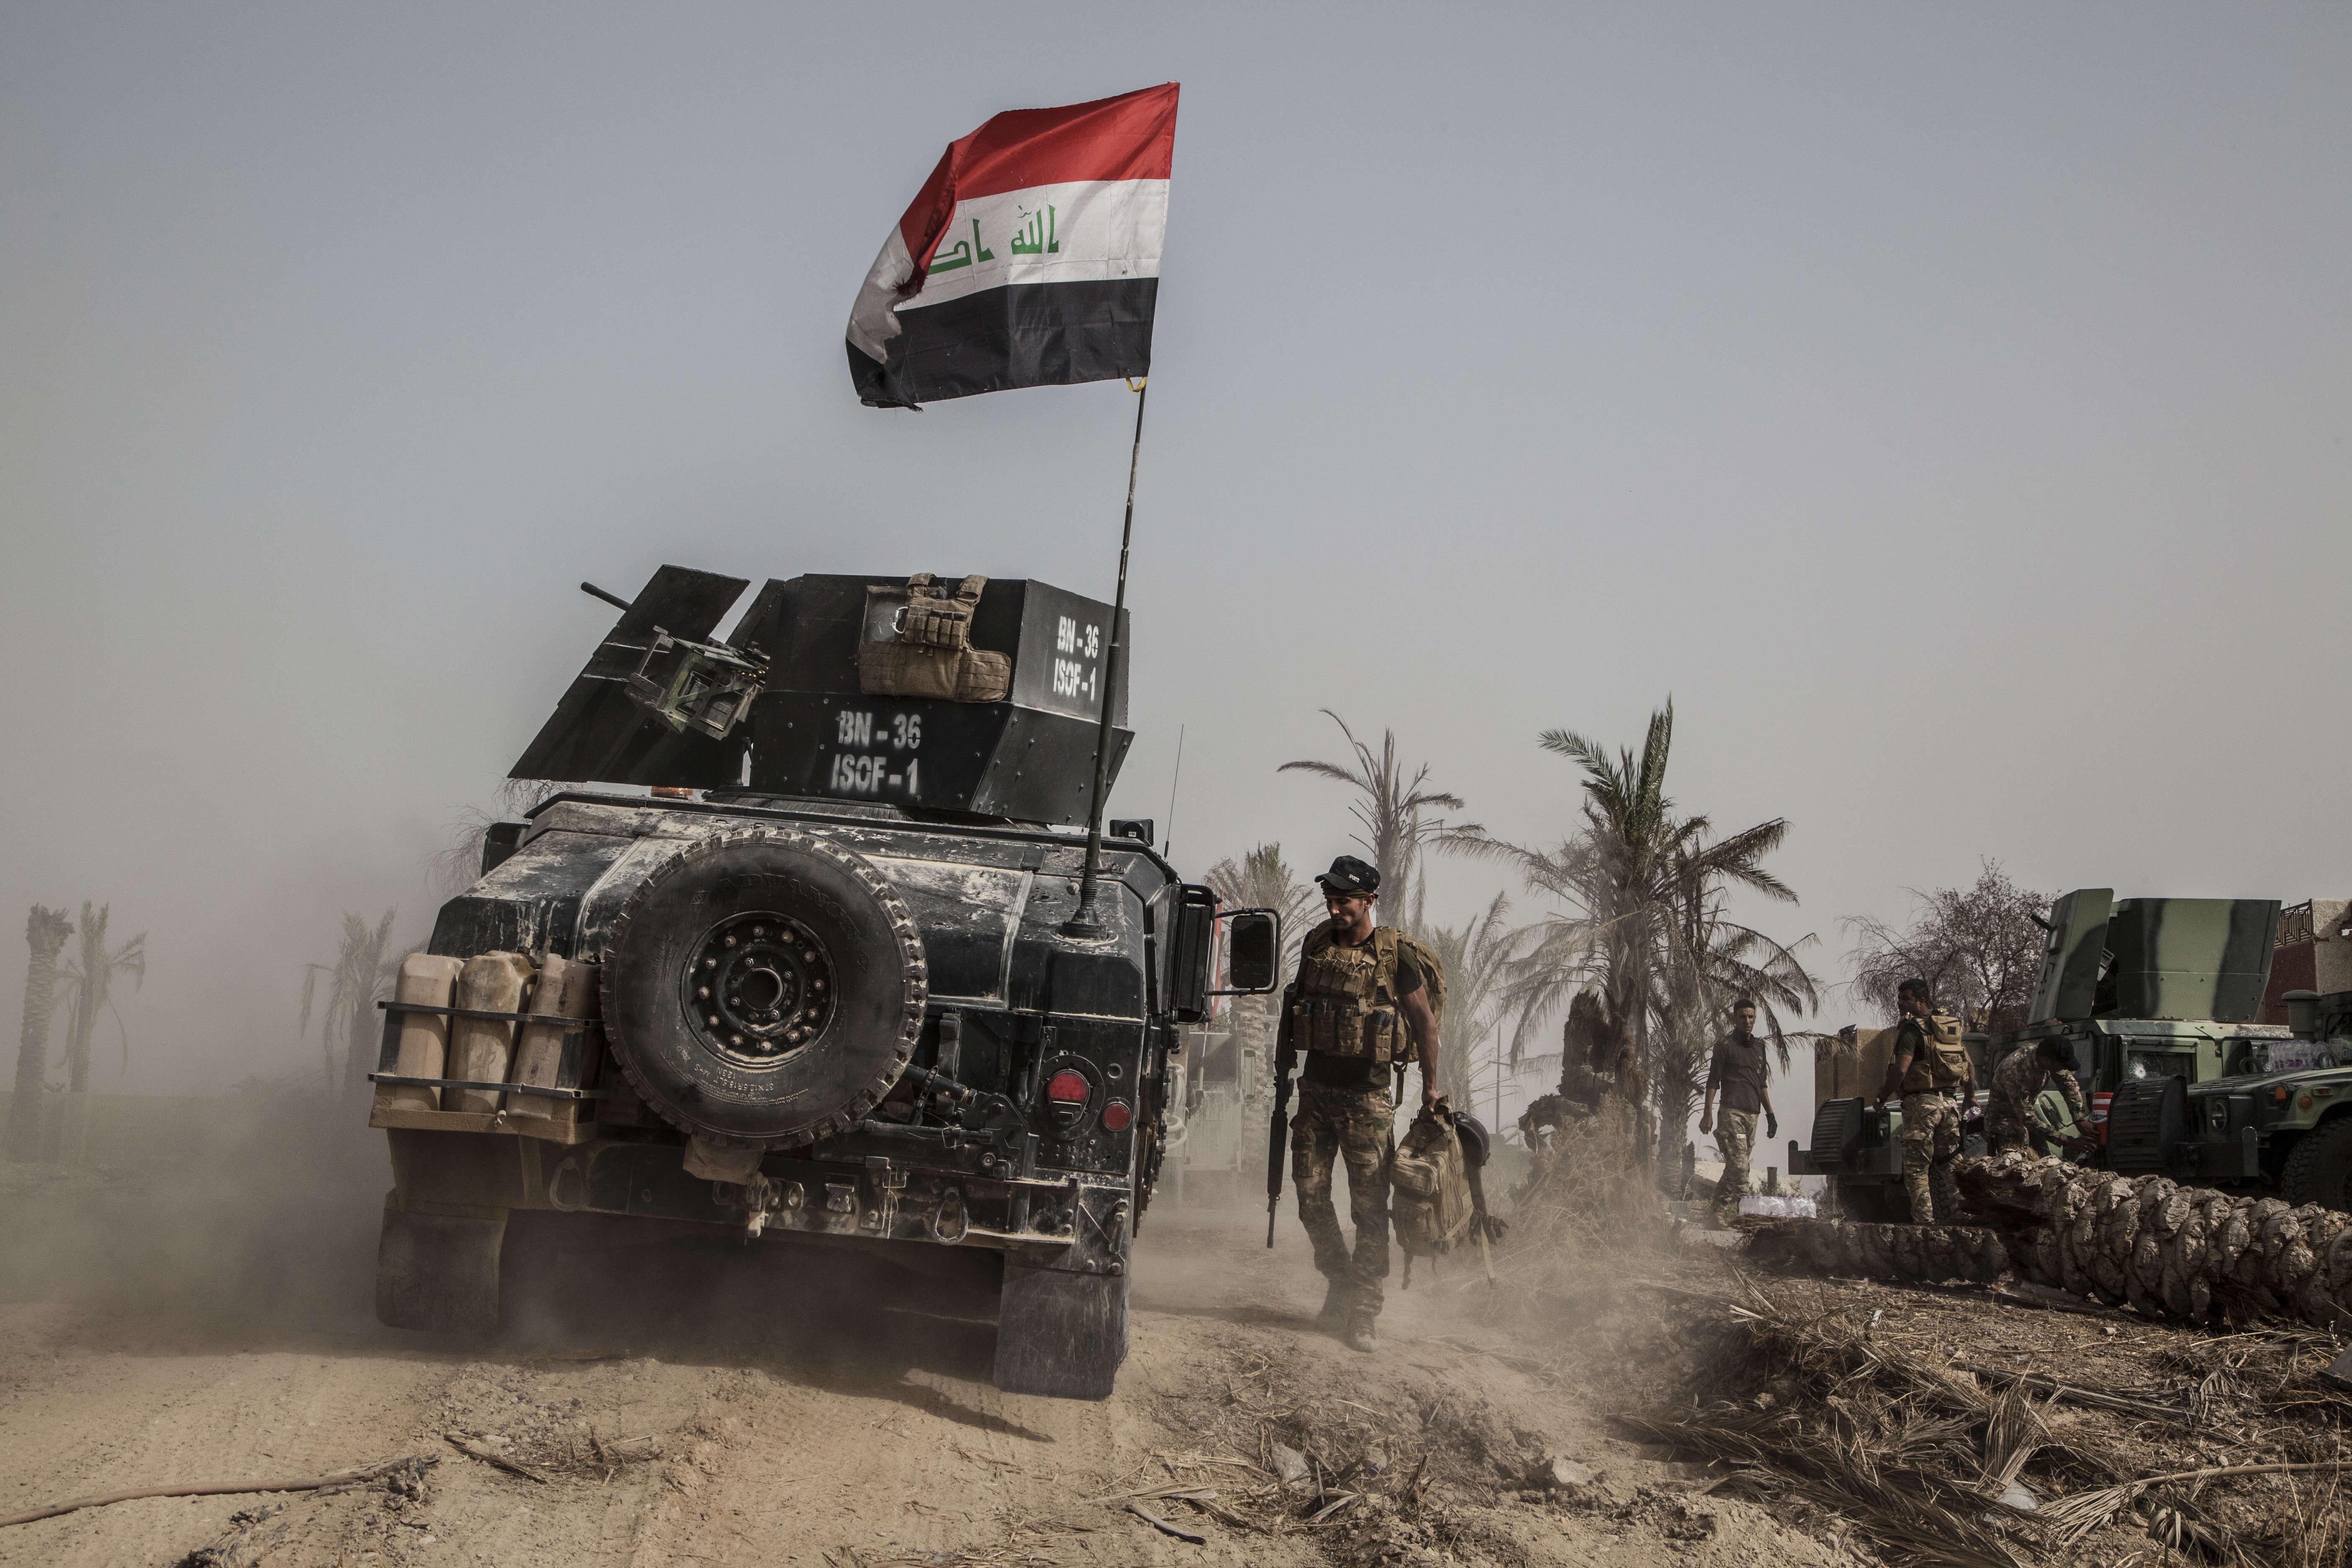 La « Golden Division », l'unité d'élite des forces antiterroristes irakiennes (ICTF) –que les Irakiens nommaient « Dirty Division » sous le gouvernement du premier ministre Maliki à cause d'un comportement qu'ils comparaient à celui des forces américaines–regagne l'estime des Irakiens depuis ses victoires contre l'EI, comme à Ramadi ou à Tikrit.